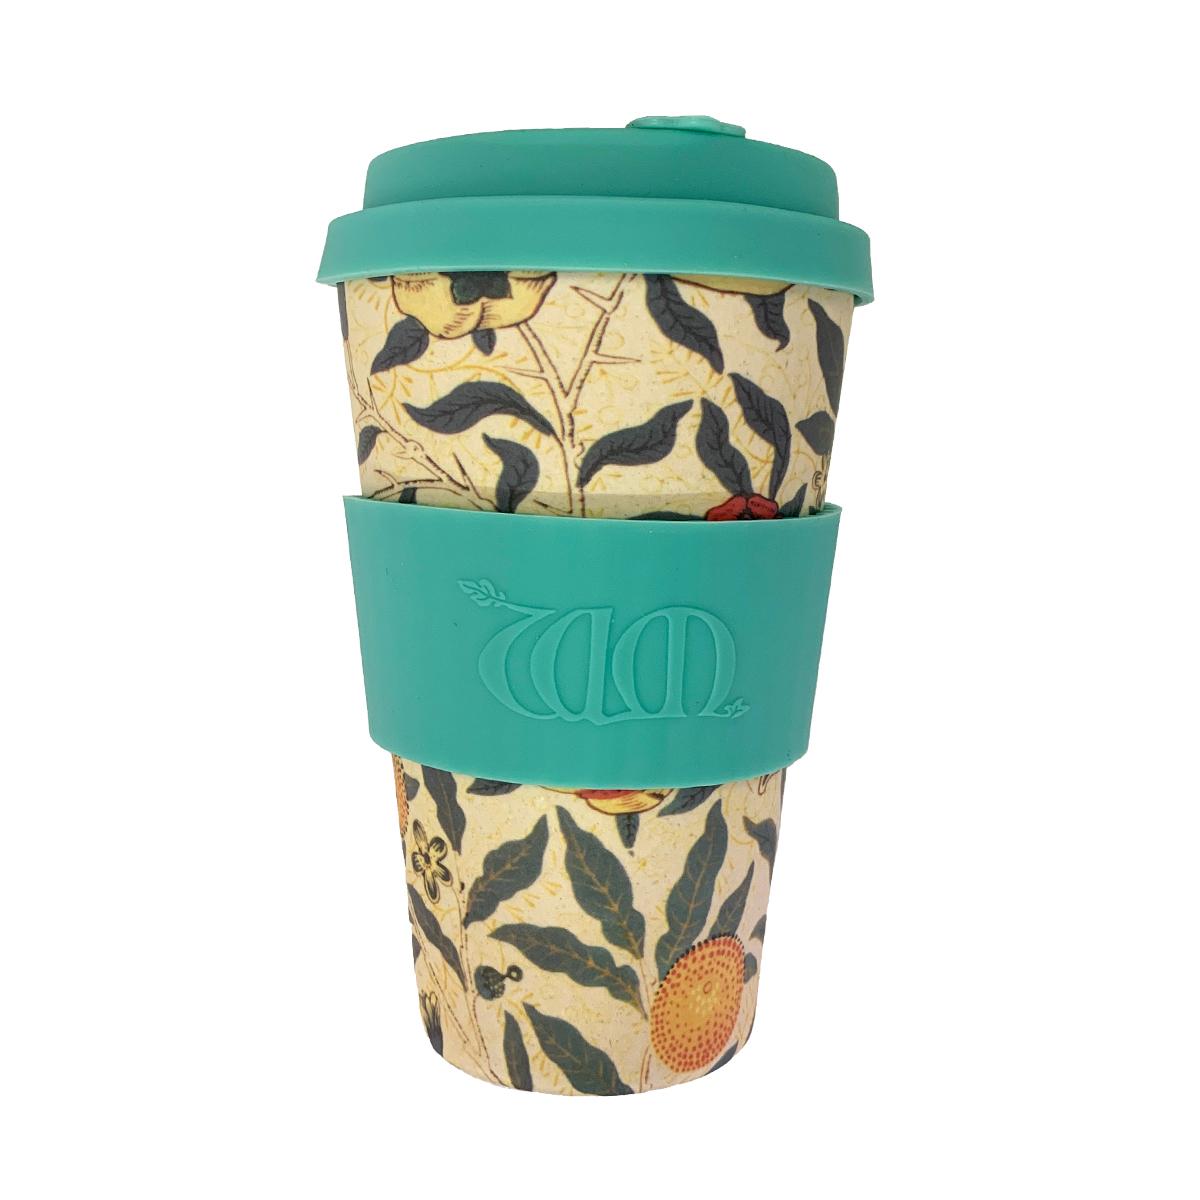 エコーヒーカップ|Pomme